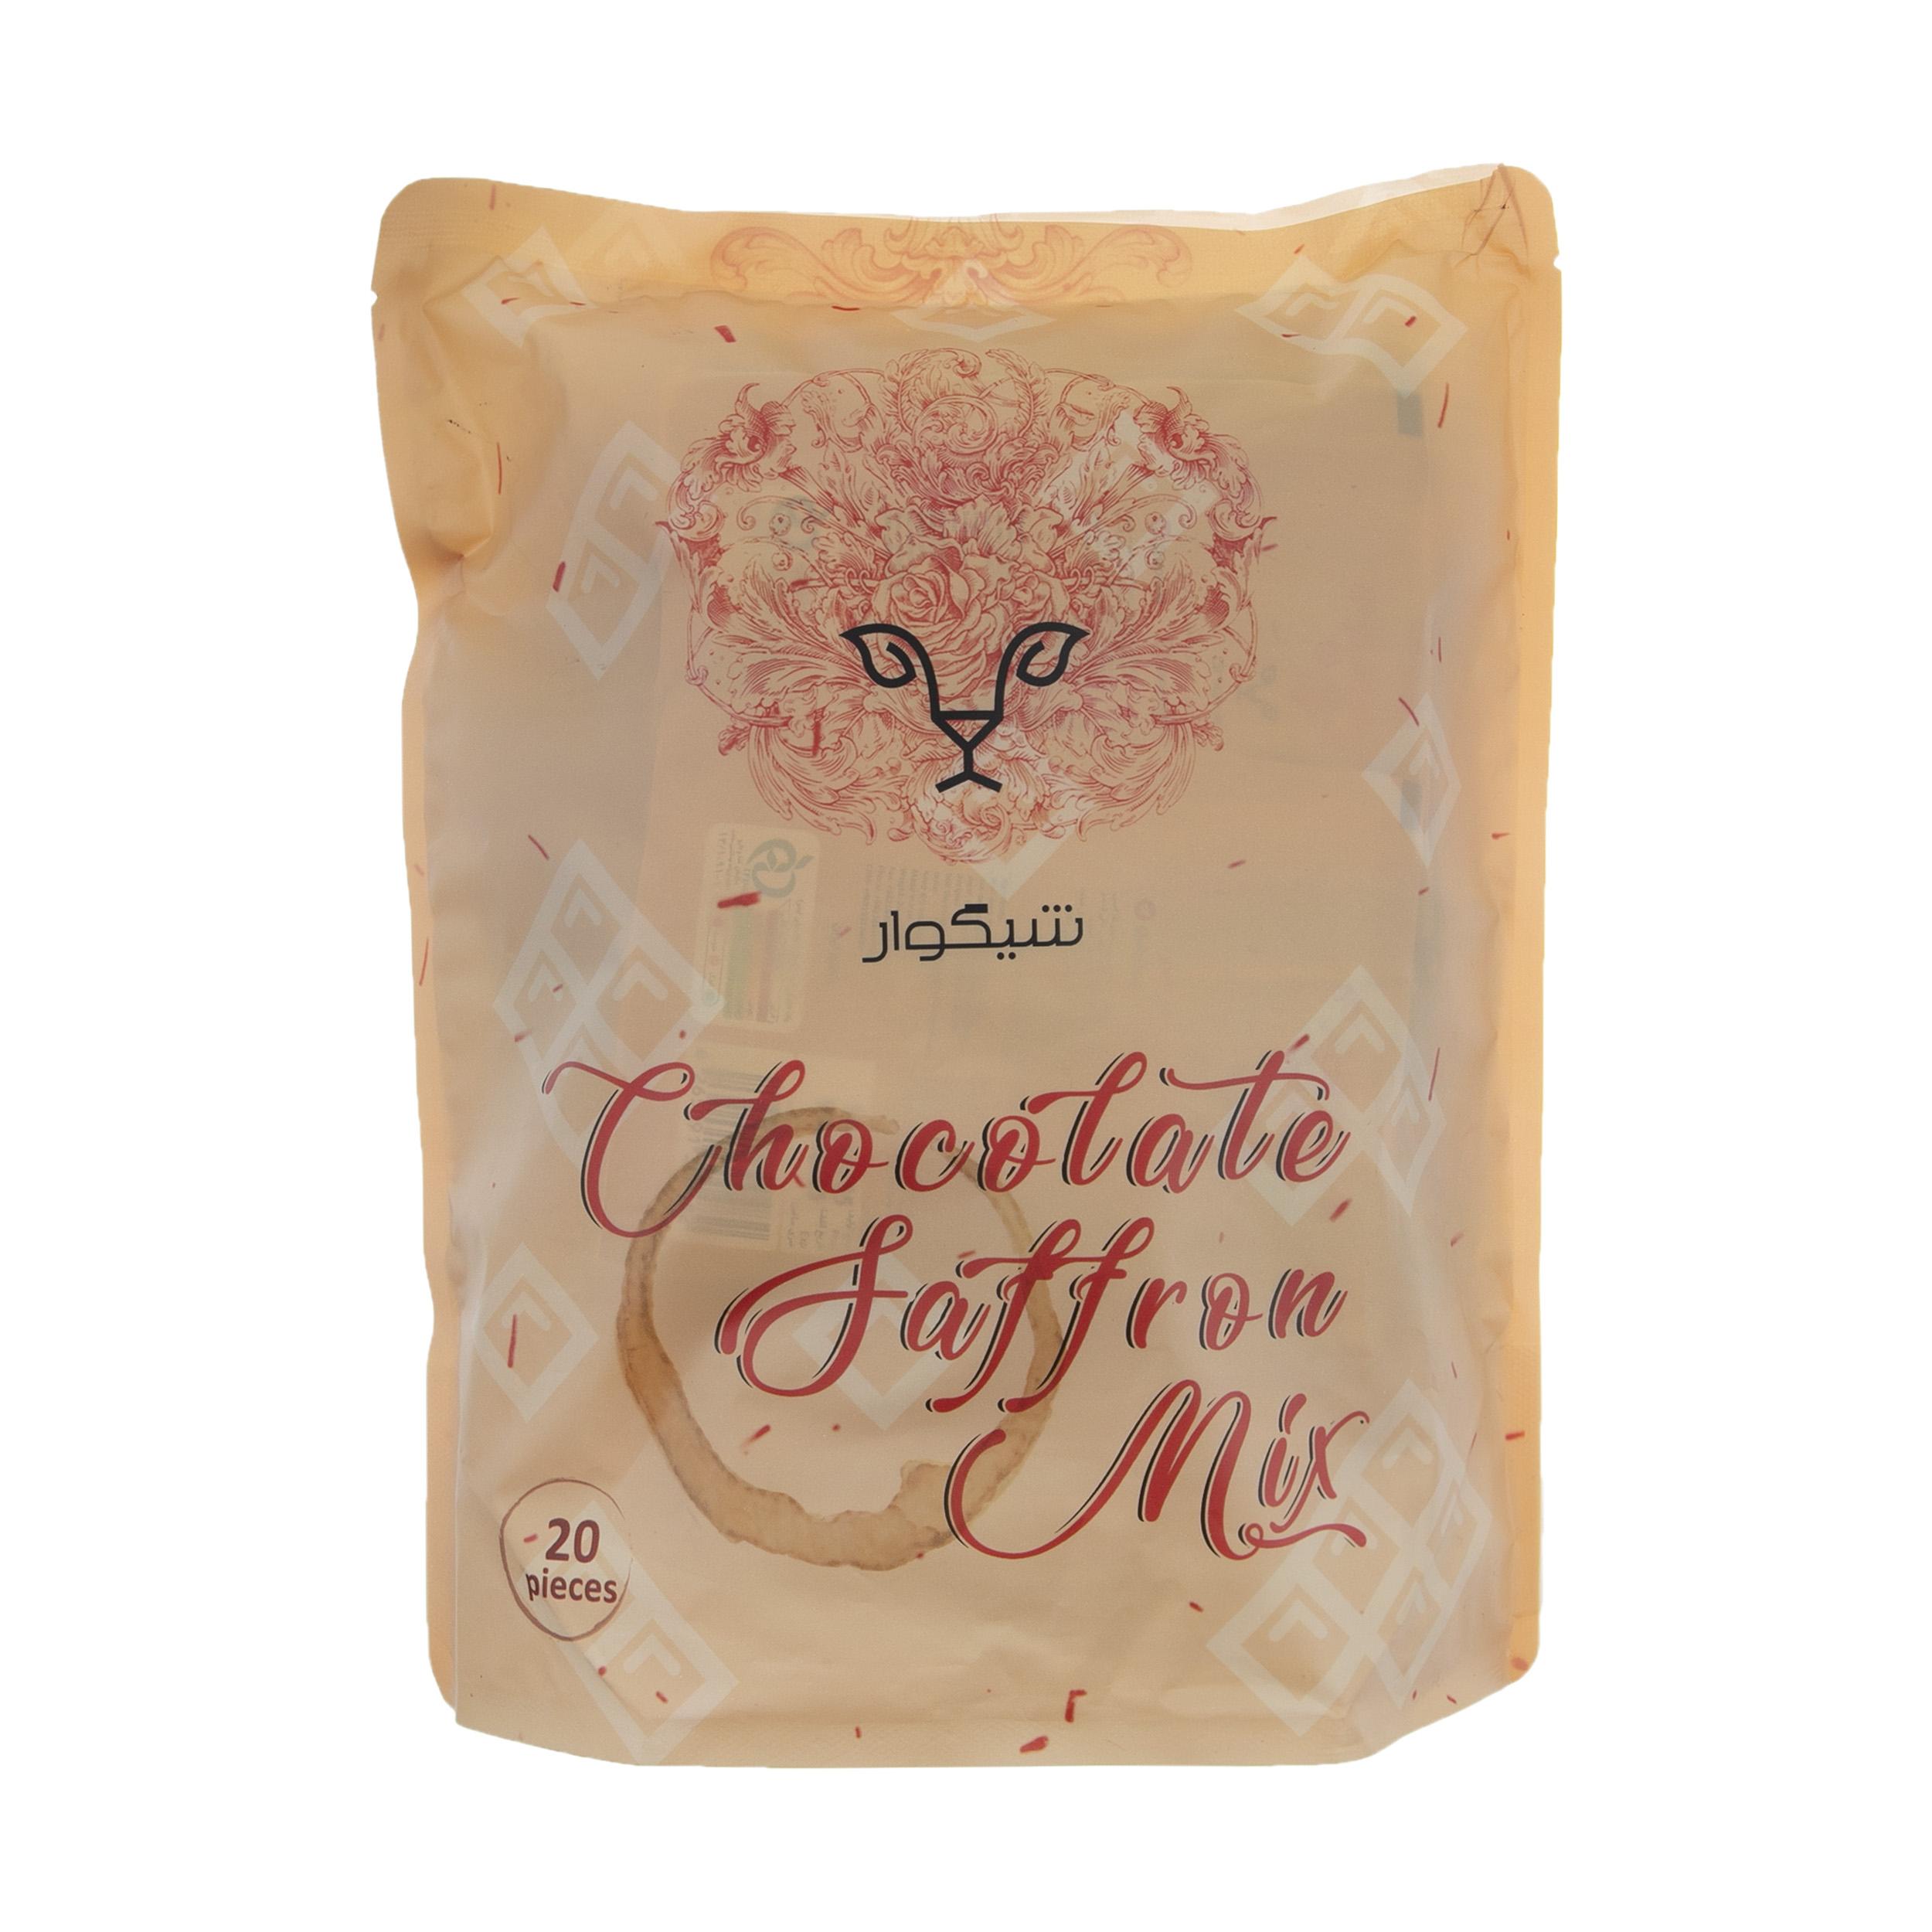 پودر شیر زعفران شیگوار با طعم کاکائو مقدار 400 گرم بسته 20 عددی